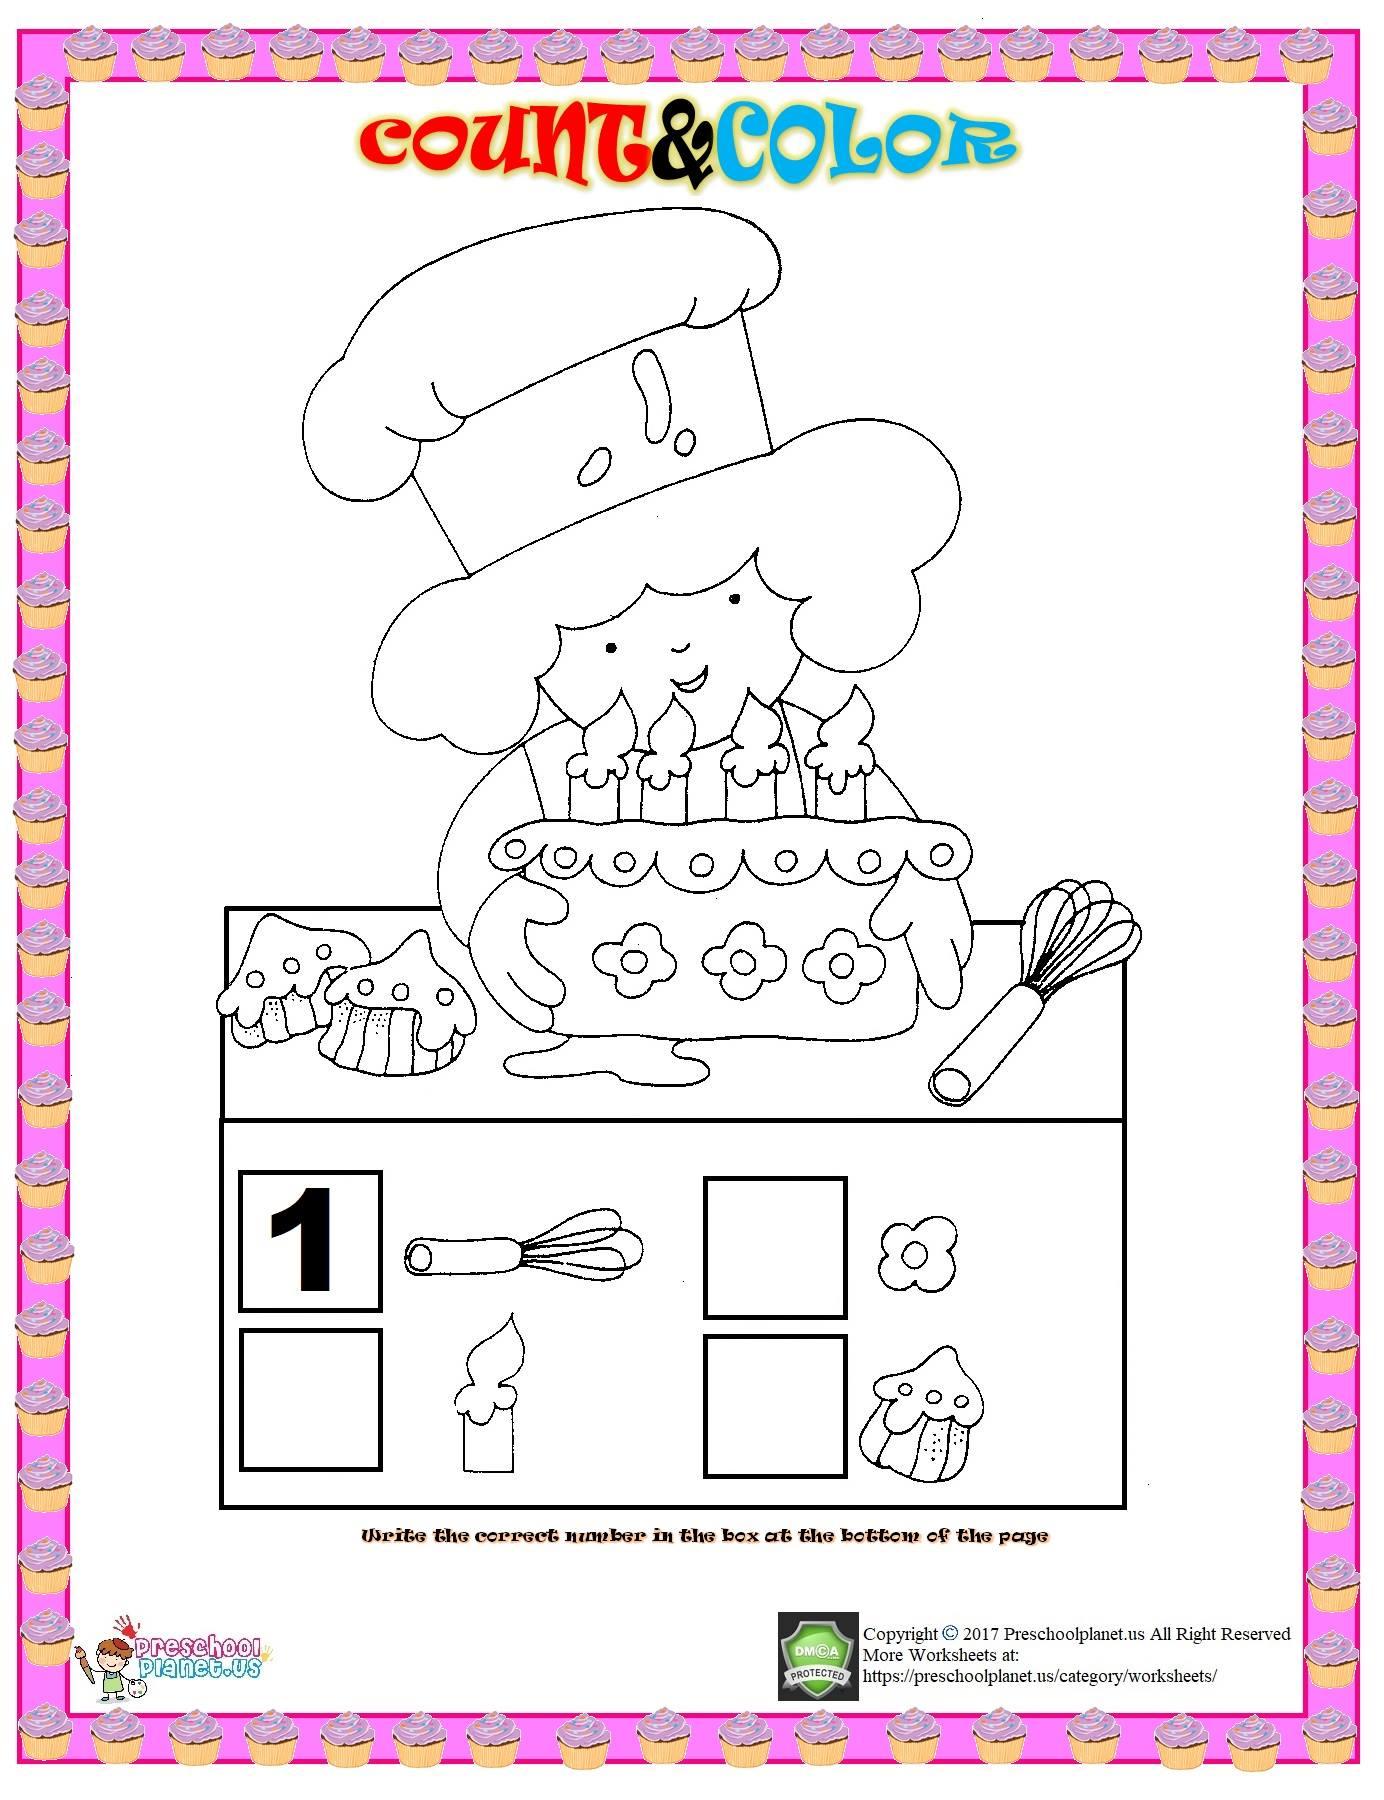 Number Count And Color Worksheet Preschoolplanet